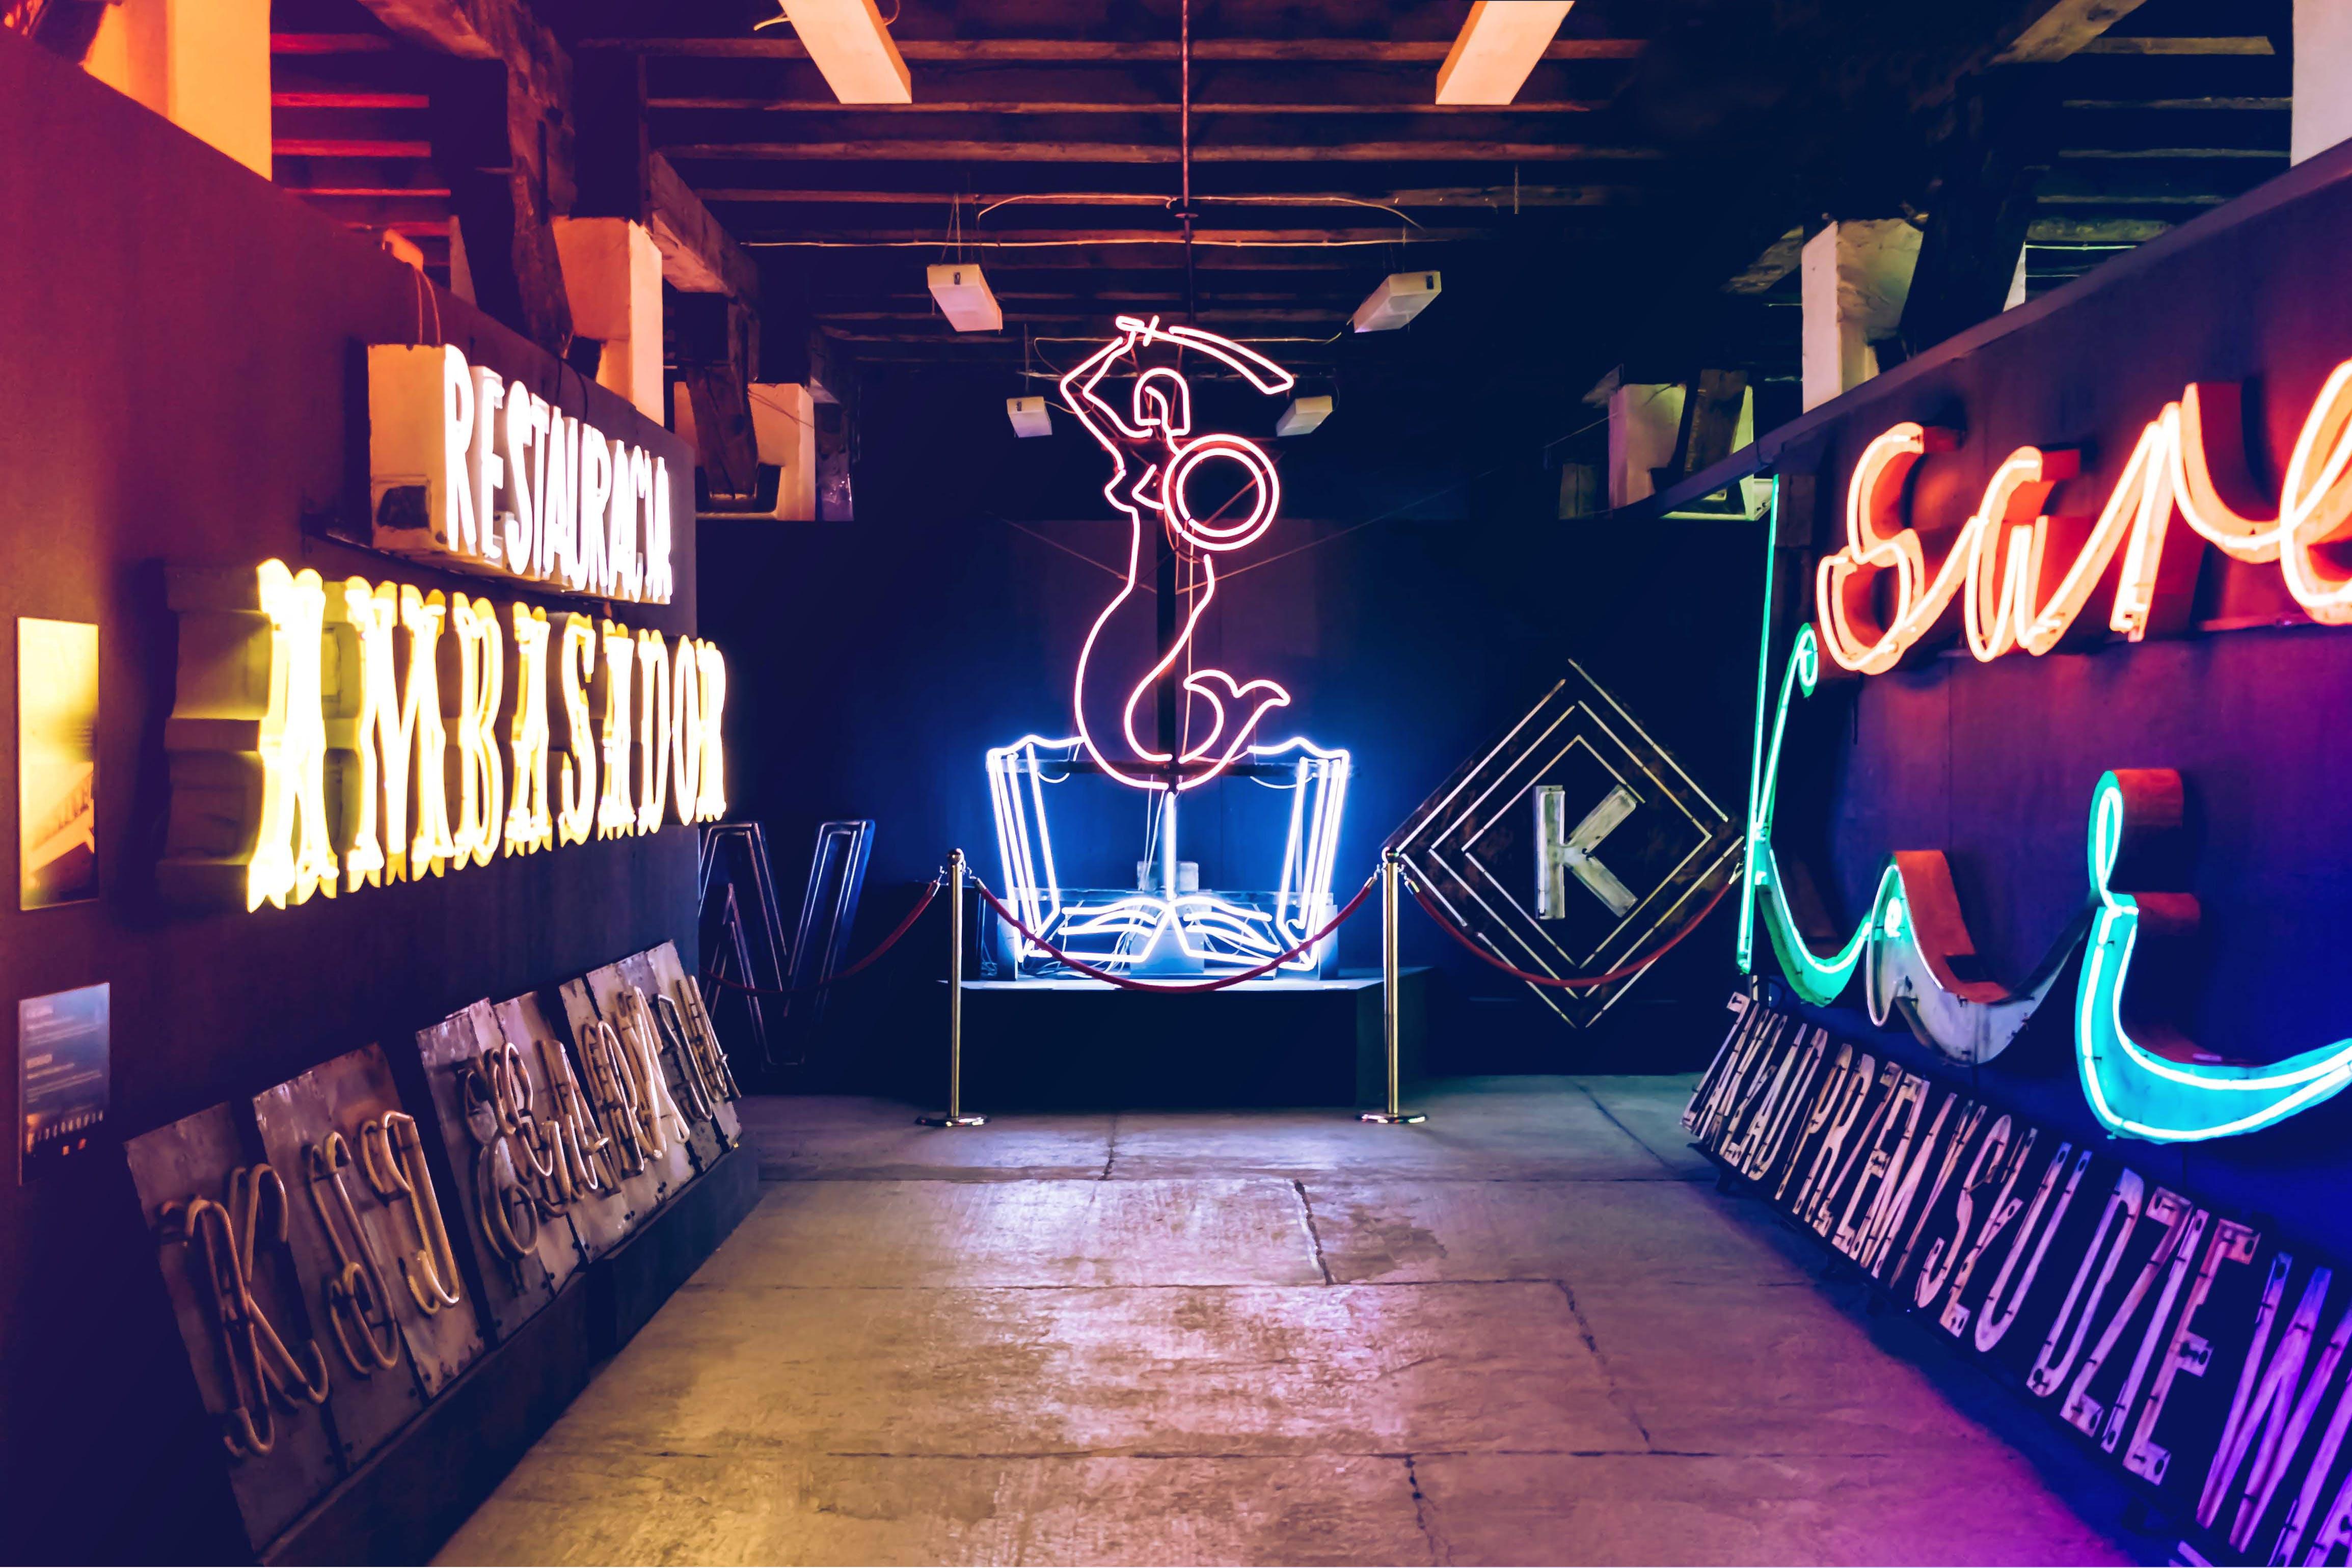 Mermaid Neon Sign Turned-on